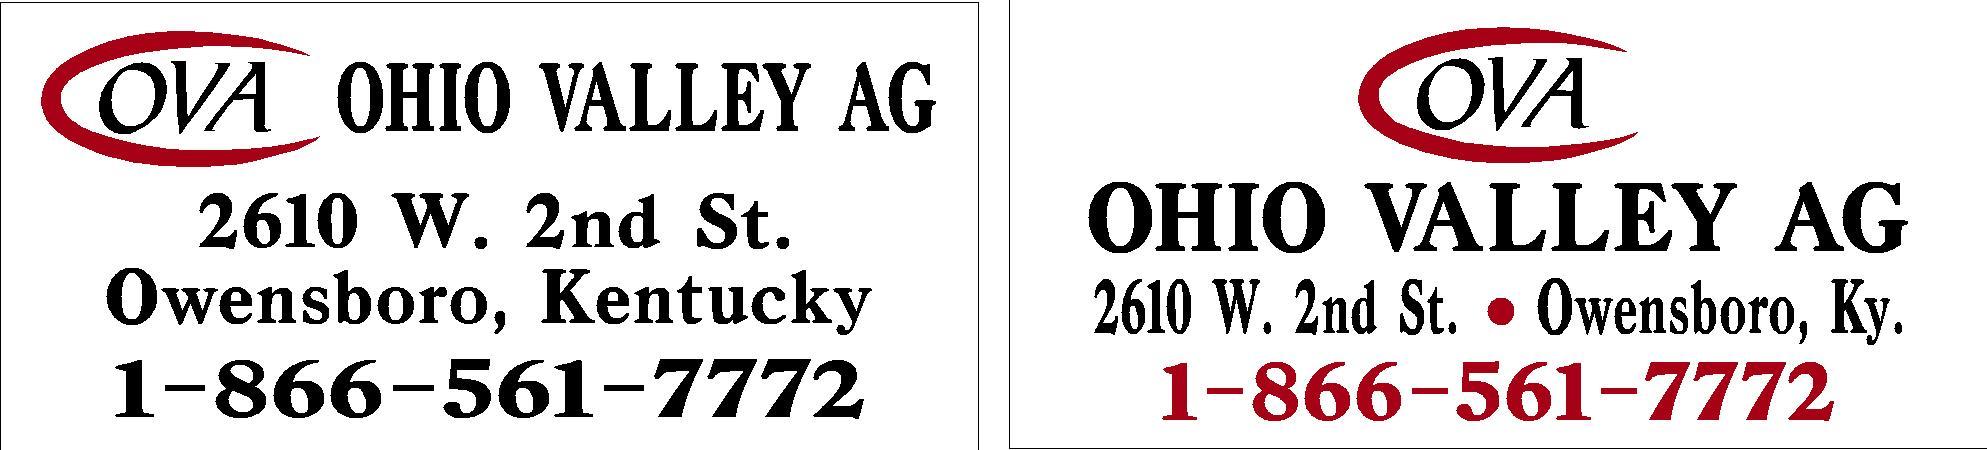 OHIO VALLEY AG